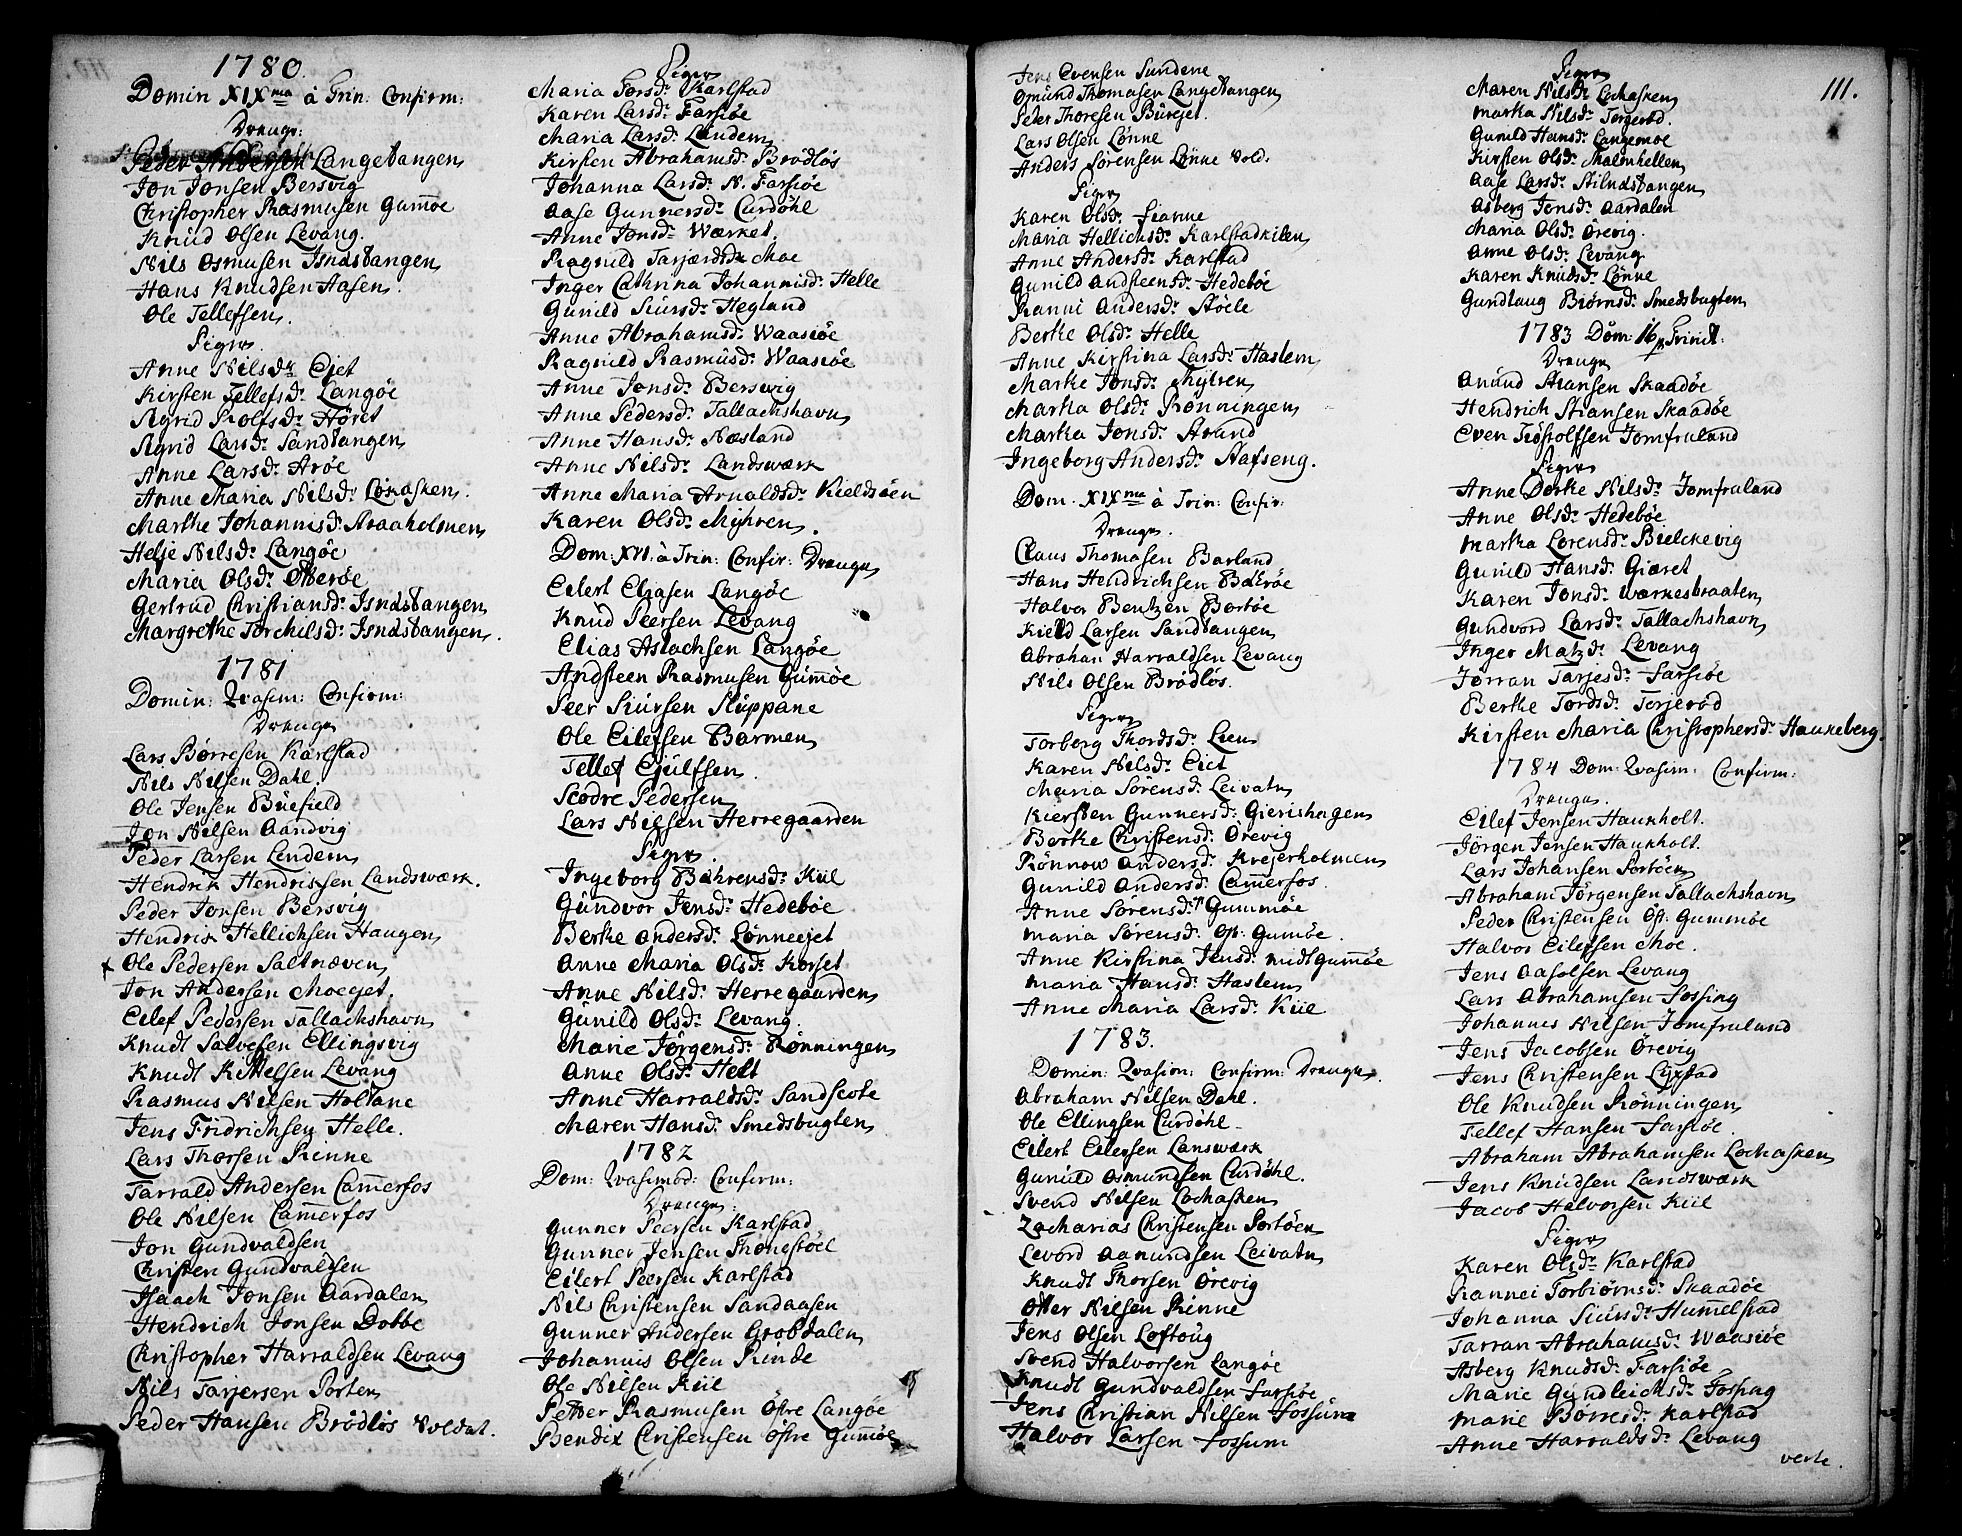 SAKO, Sannidal kirkebøker, F/Fa/L0002: Ministerialbok nr. 2, 1767-1802, s. 111